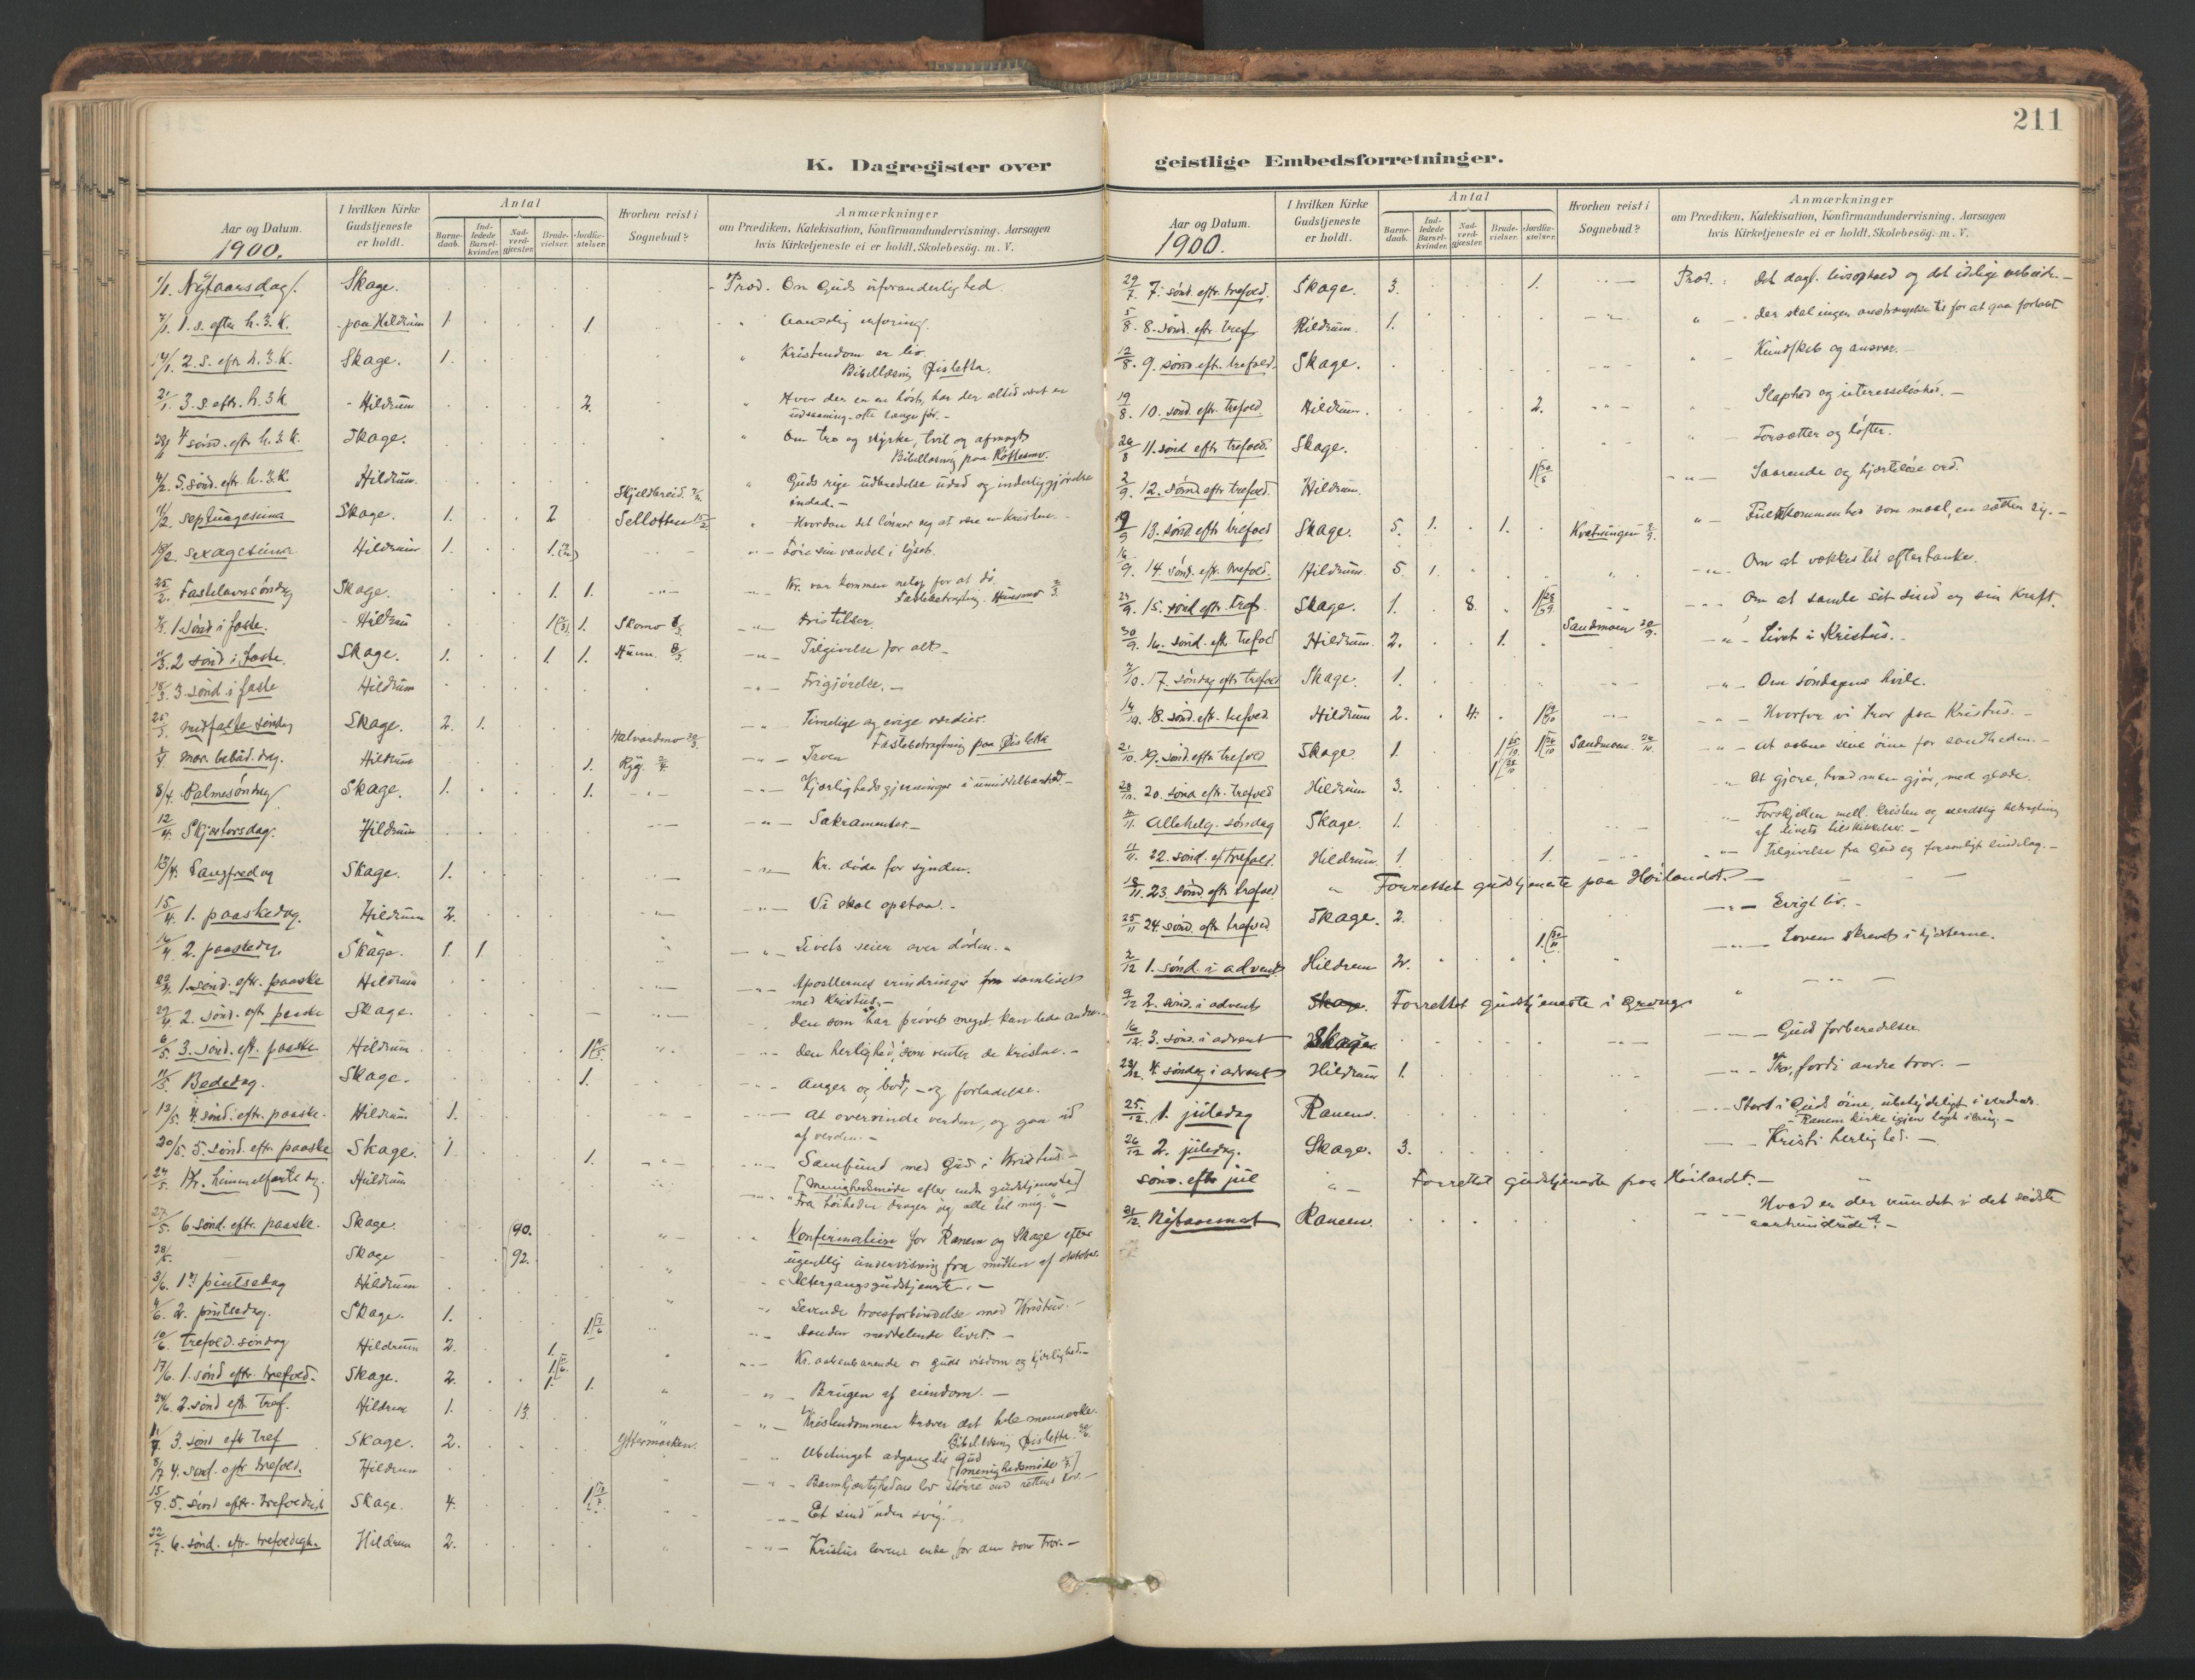 SAT, Ministerialprotokoller, klokkerbøker og fødselsregistre - Nord-Trøndelag, 764/L0556: Ministerialbok nr. 764A11, 1897-1924, s. 211